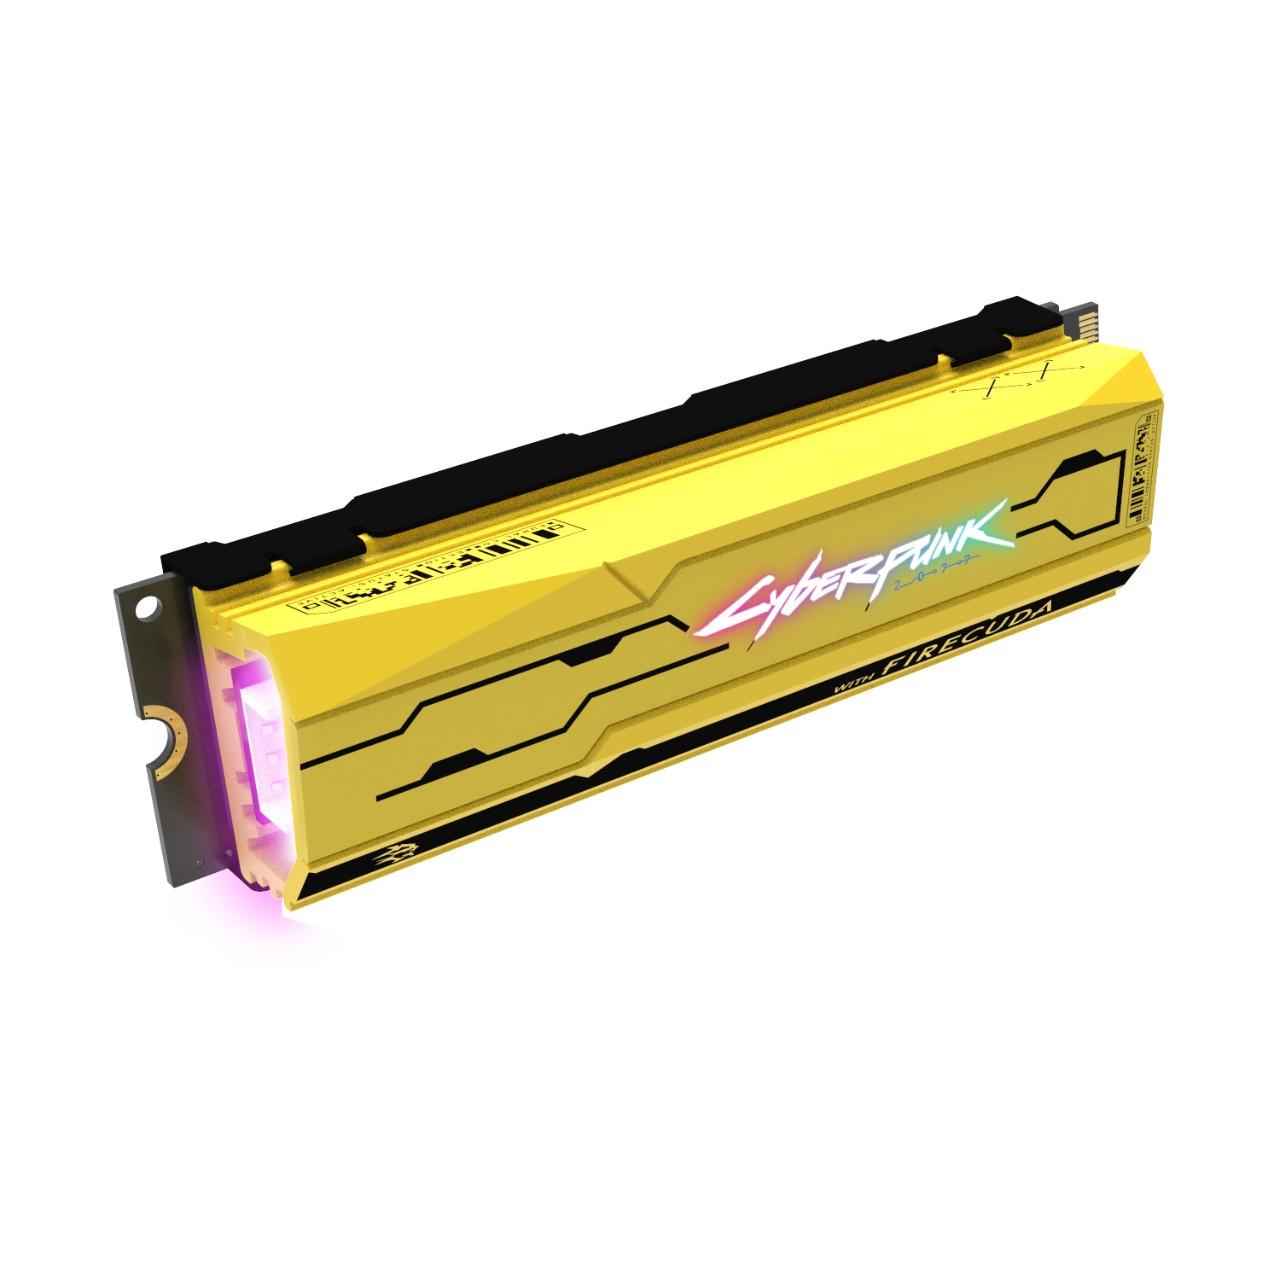 希捷《赛博朋克2077》限定版SSD亮相 售价约1542元